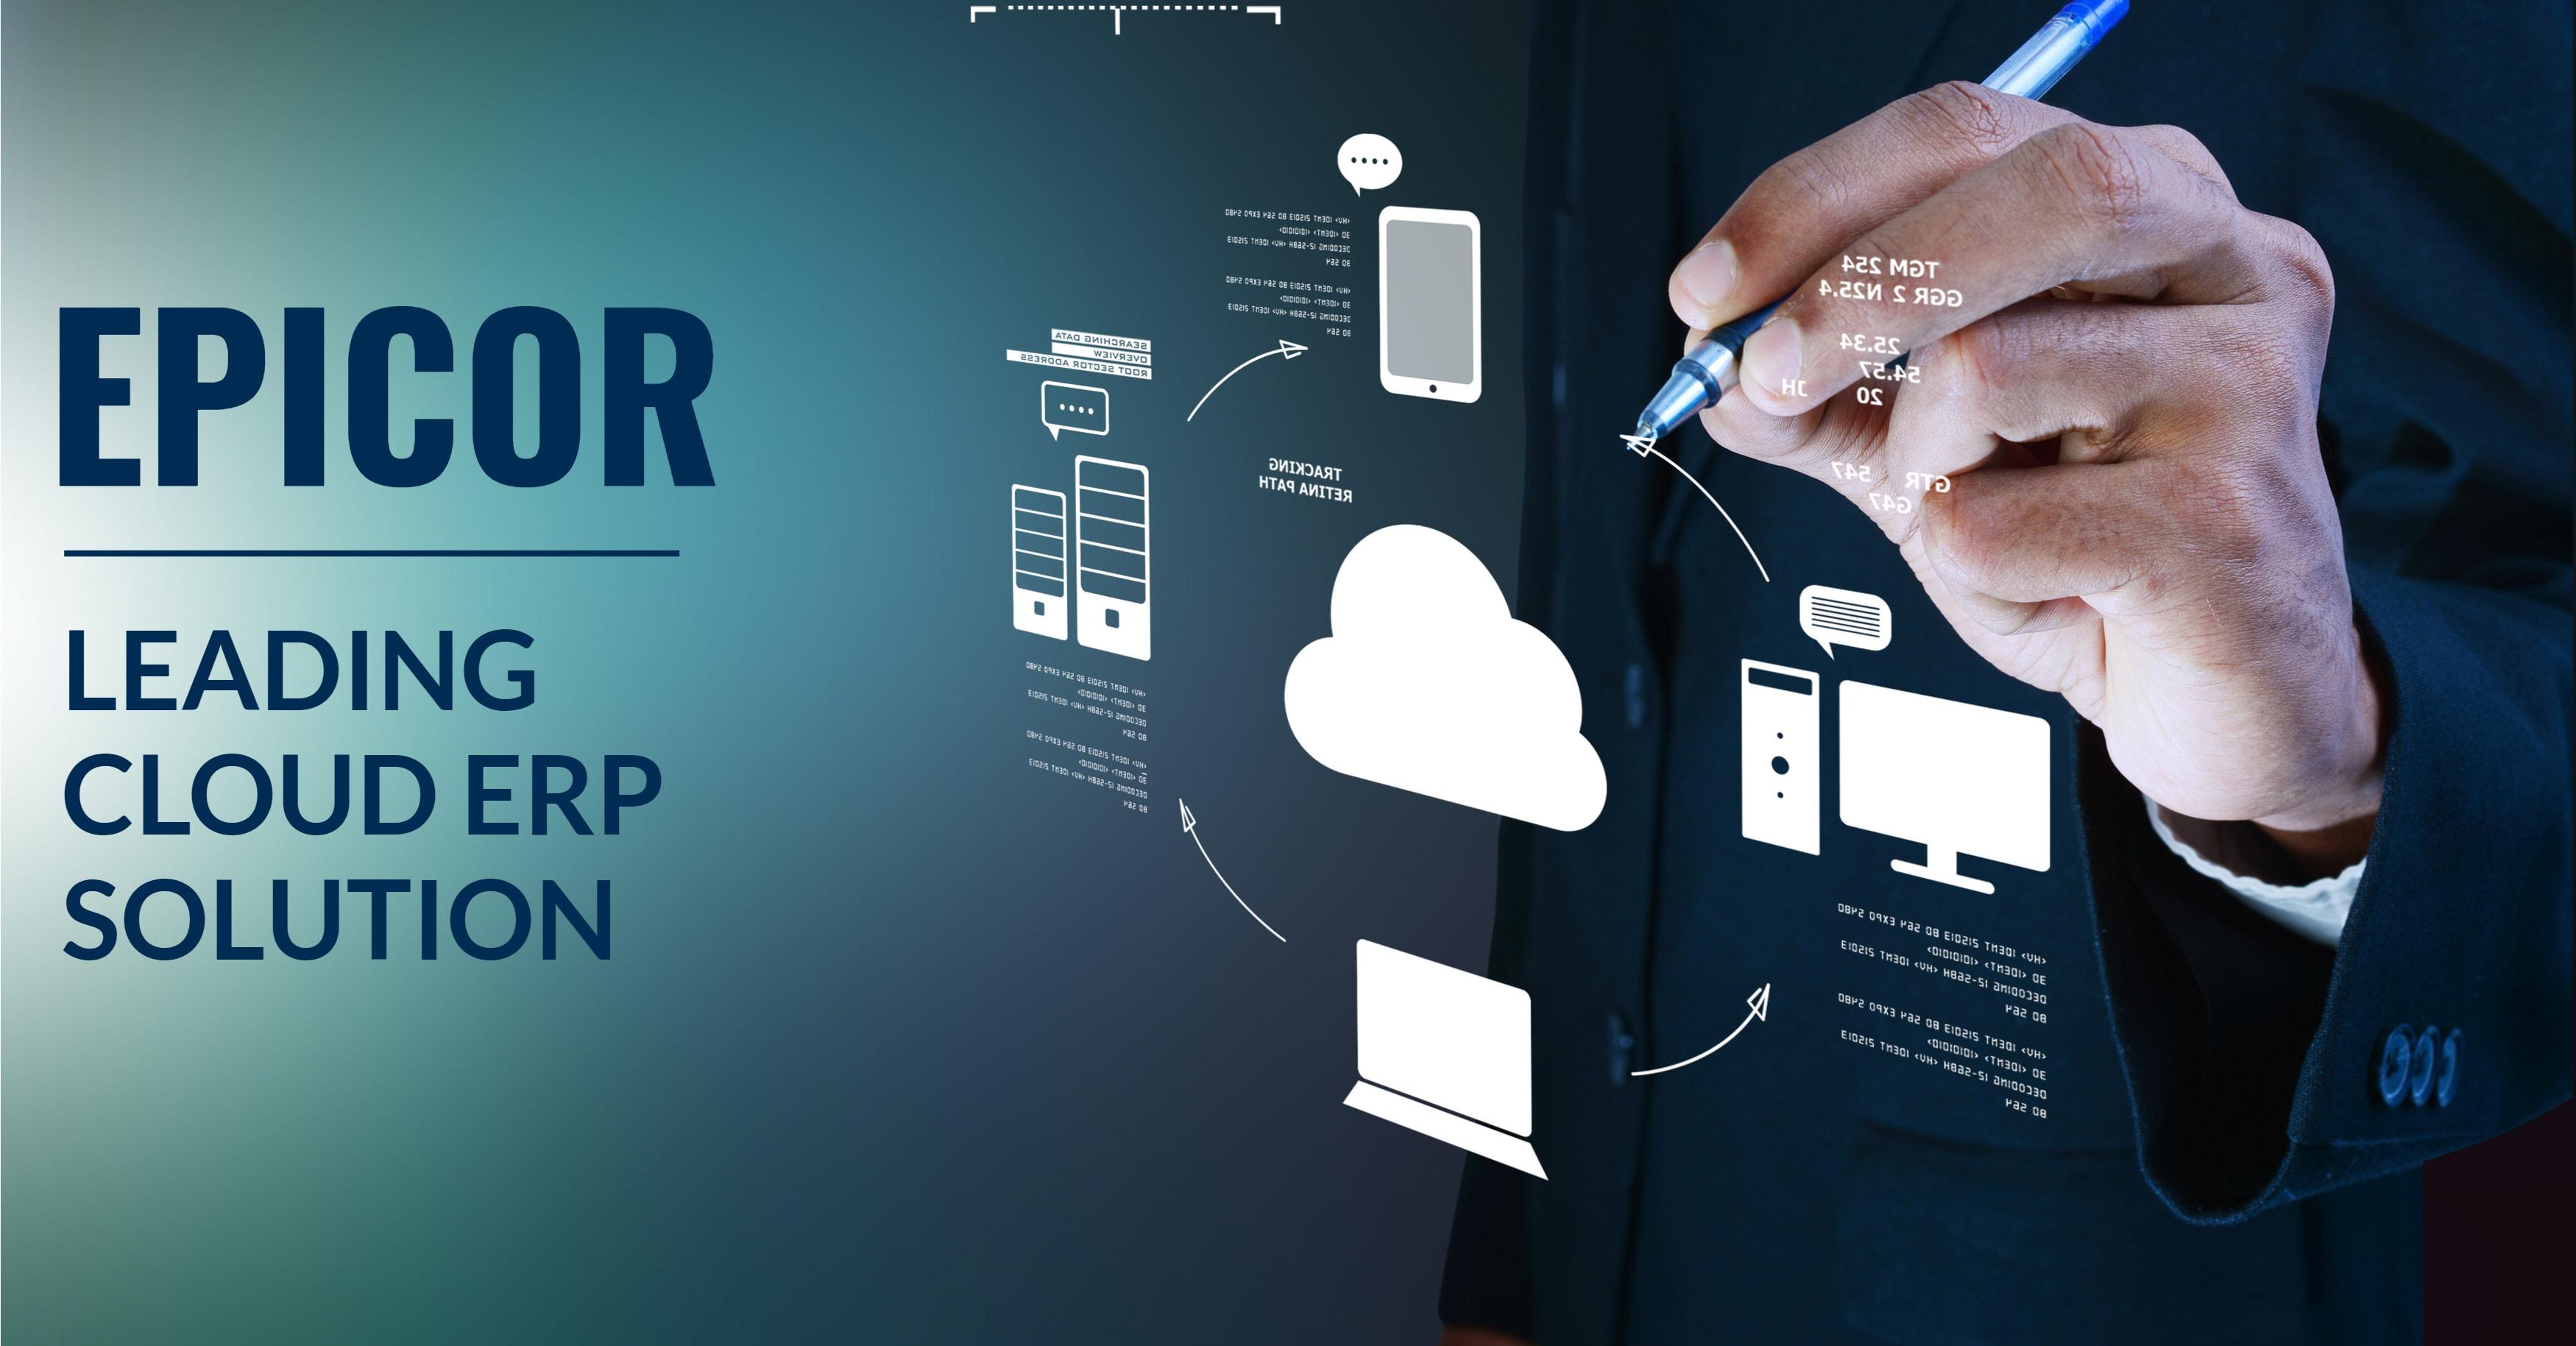 Epicor Gartner Cloud ERP